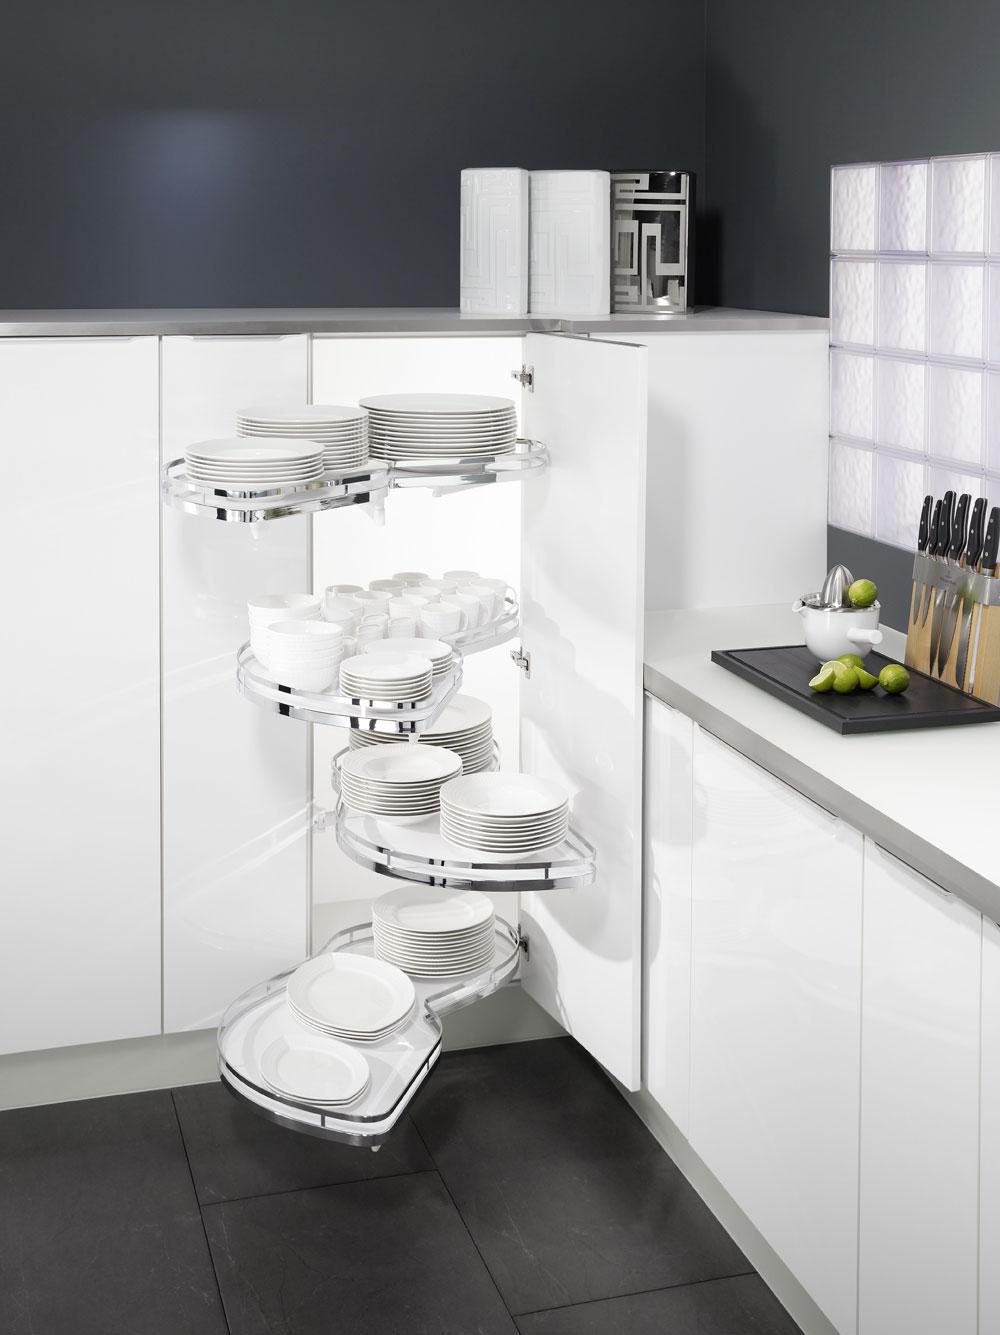 quincaillerie richelieu. Black Bedroom Furniture Sets. Home Design Ideas